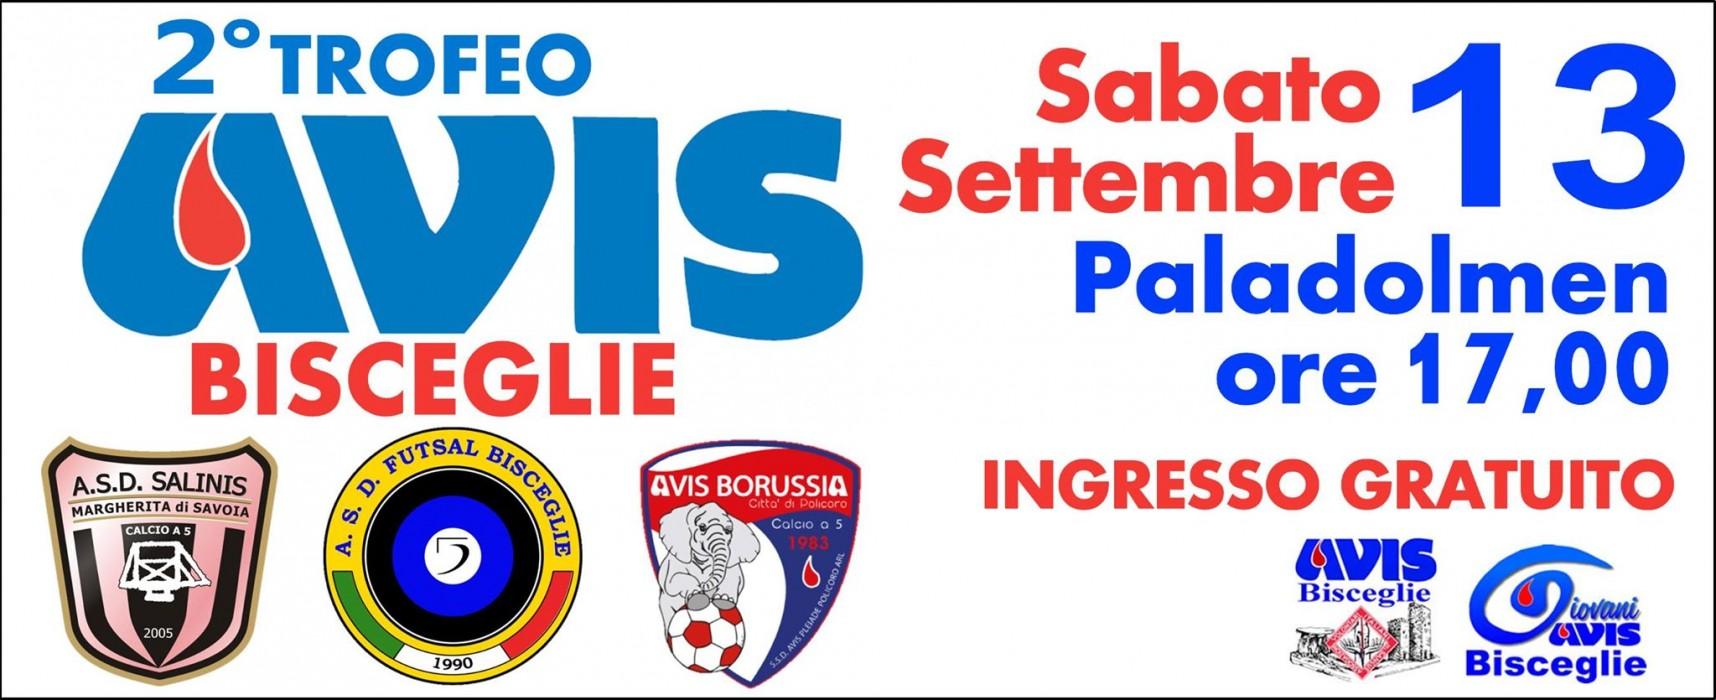 """Futsal Bisceglie: oggi pomeriggio al PalaDolmen c'è il """"2° Trofeo Avis Bisceglie"""""""